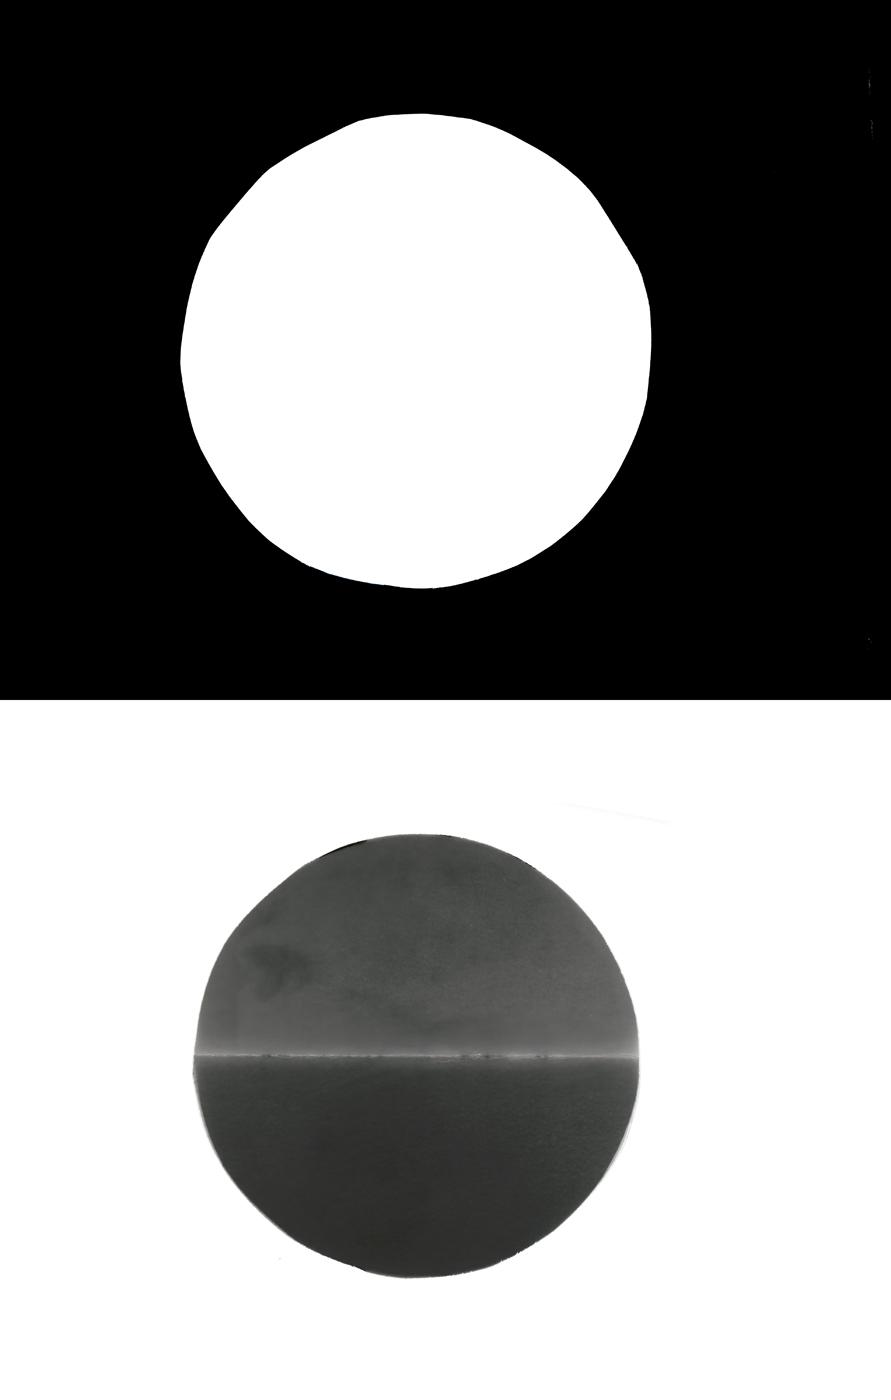 Moon_Sea_01.jpg